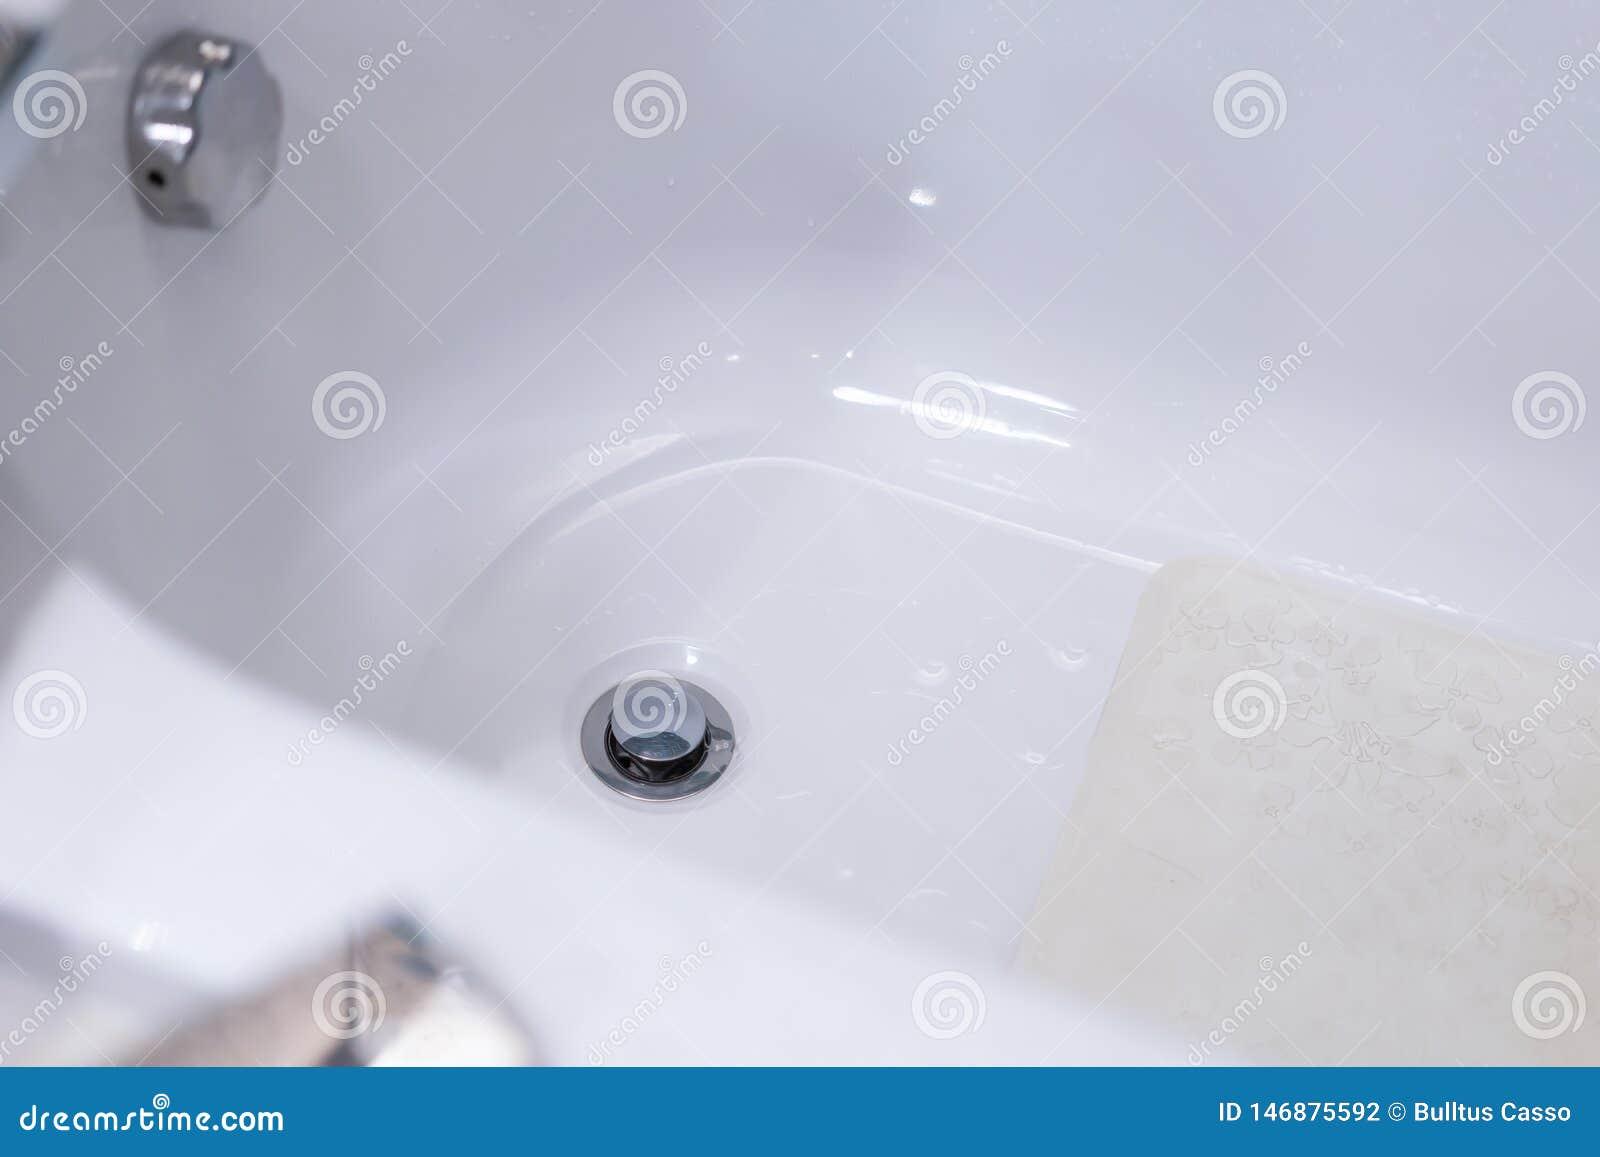 Modernes Badezimmer Mit Badewanne Und Dekoration Stockfoto Bild Von Dekoration Badezimmer 146875592